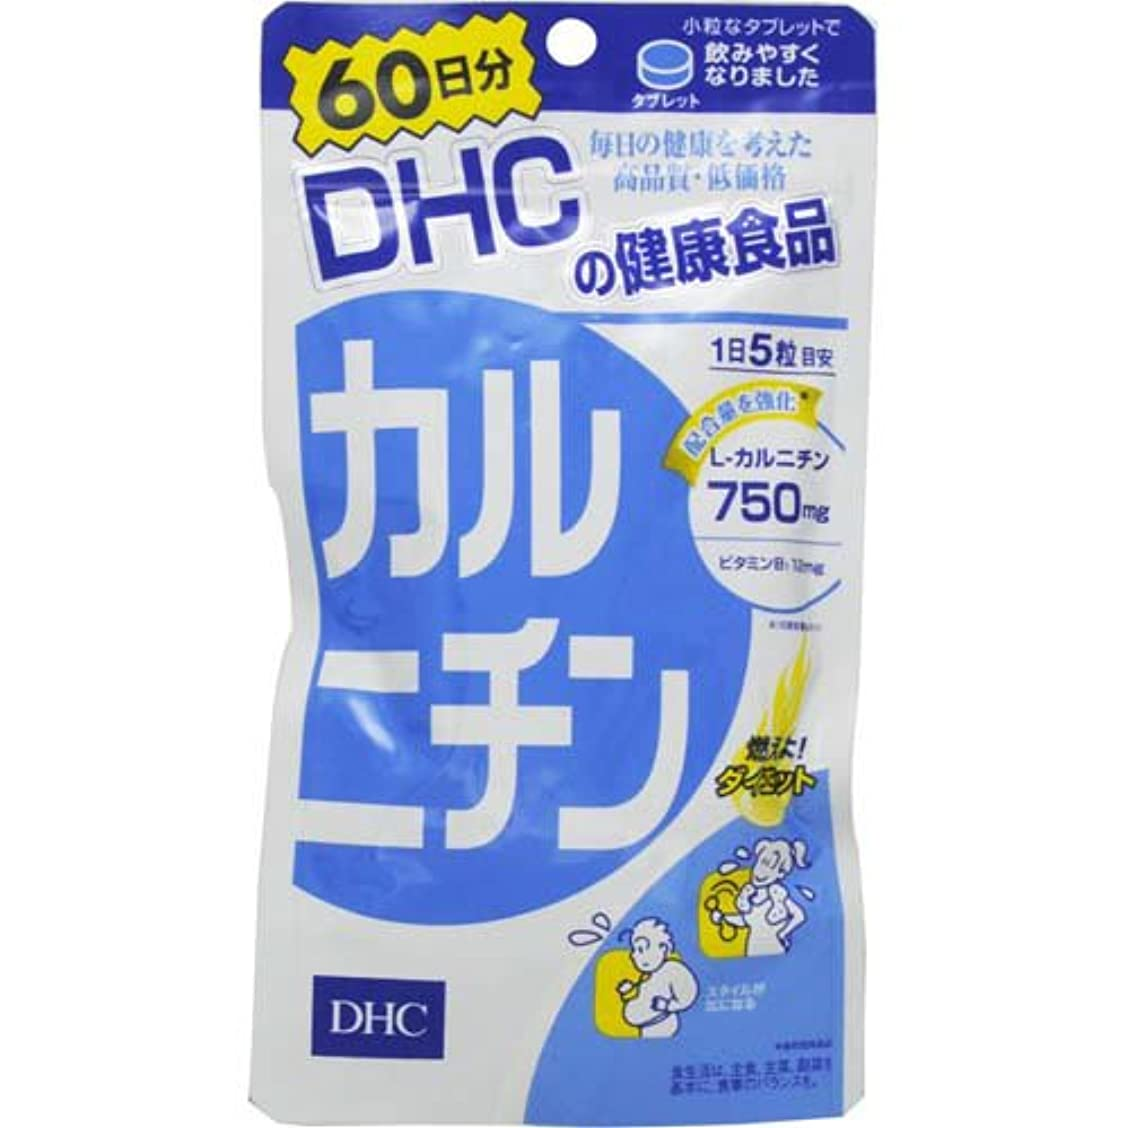 物理的にアート曲線DHC カルニチン 60日分 300粒